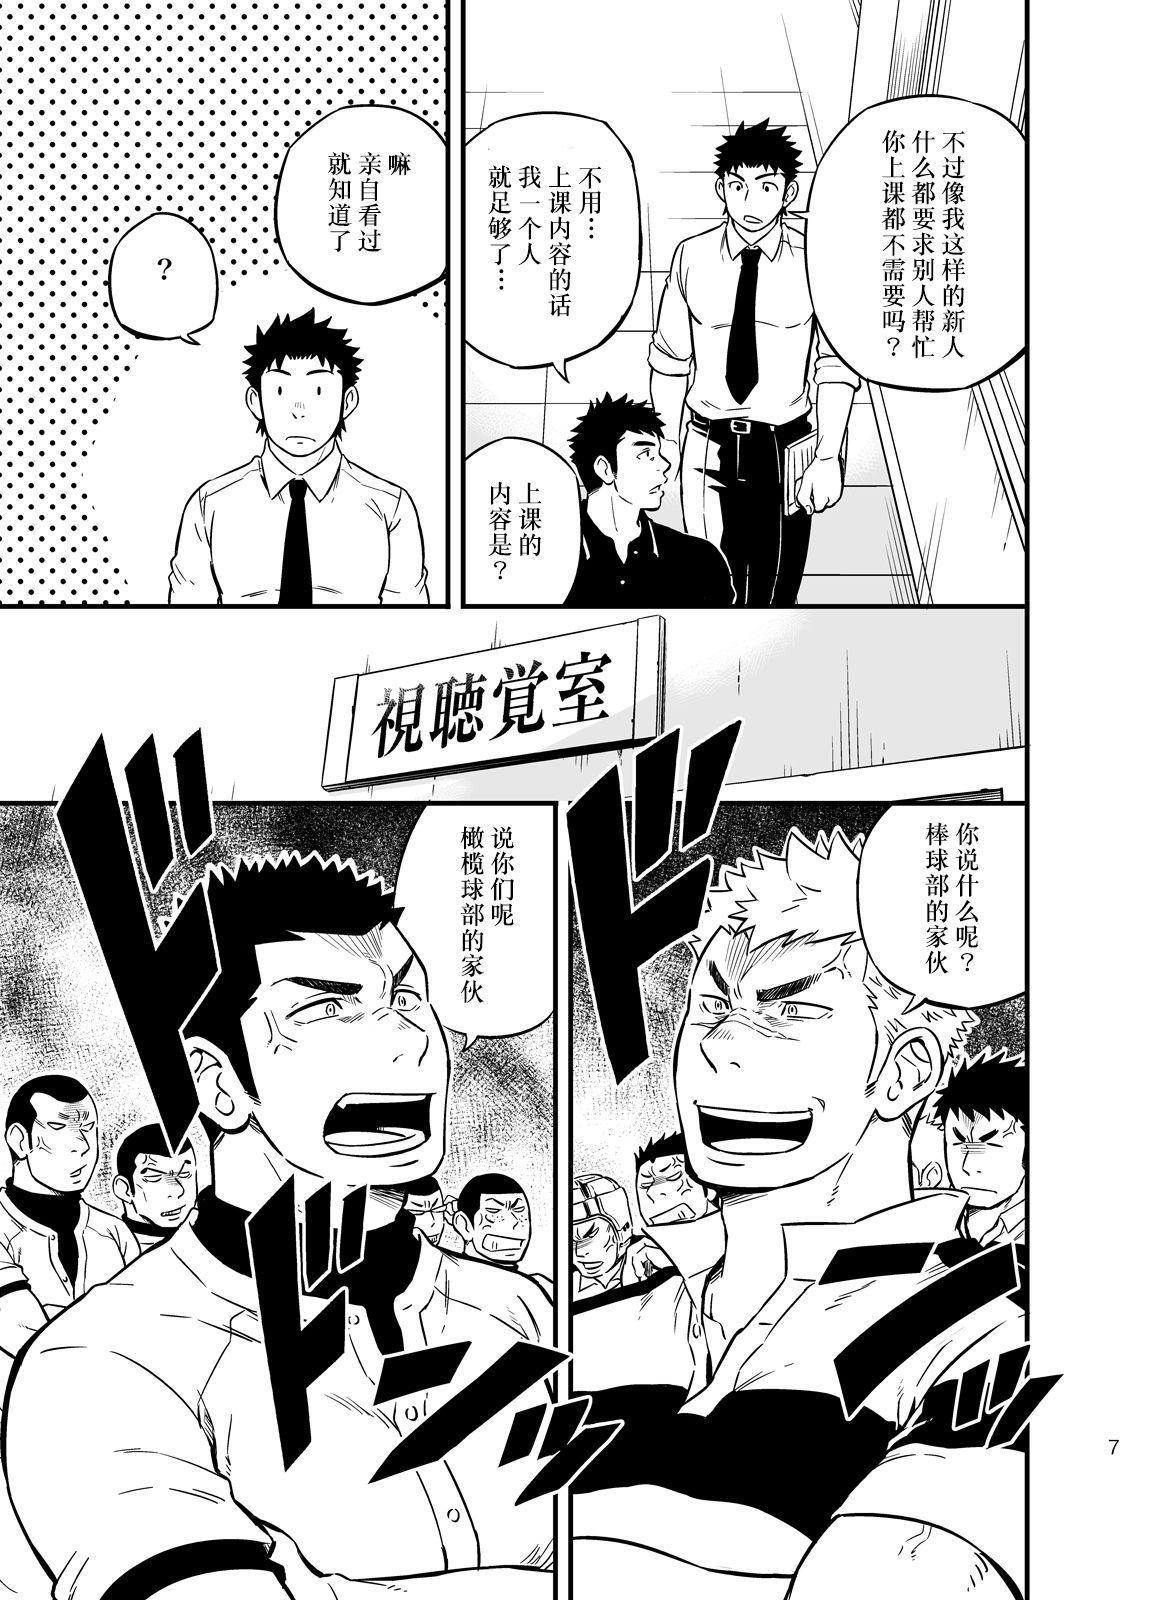 Moshimo Danshikou no Hoken Taiiku ga Jitsugi Ari Dattara 2 | 如果男校的保健体育课有实践环节的话 2 5